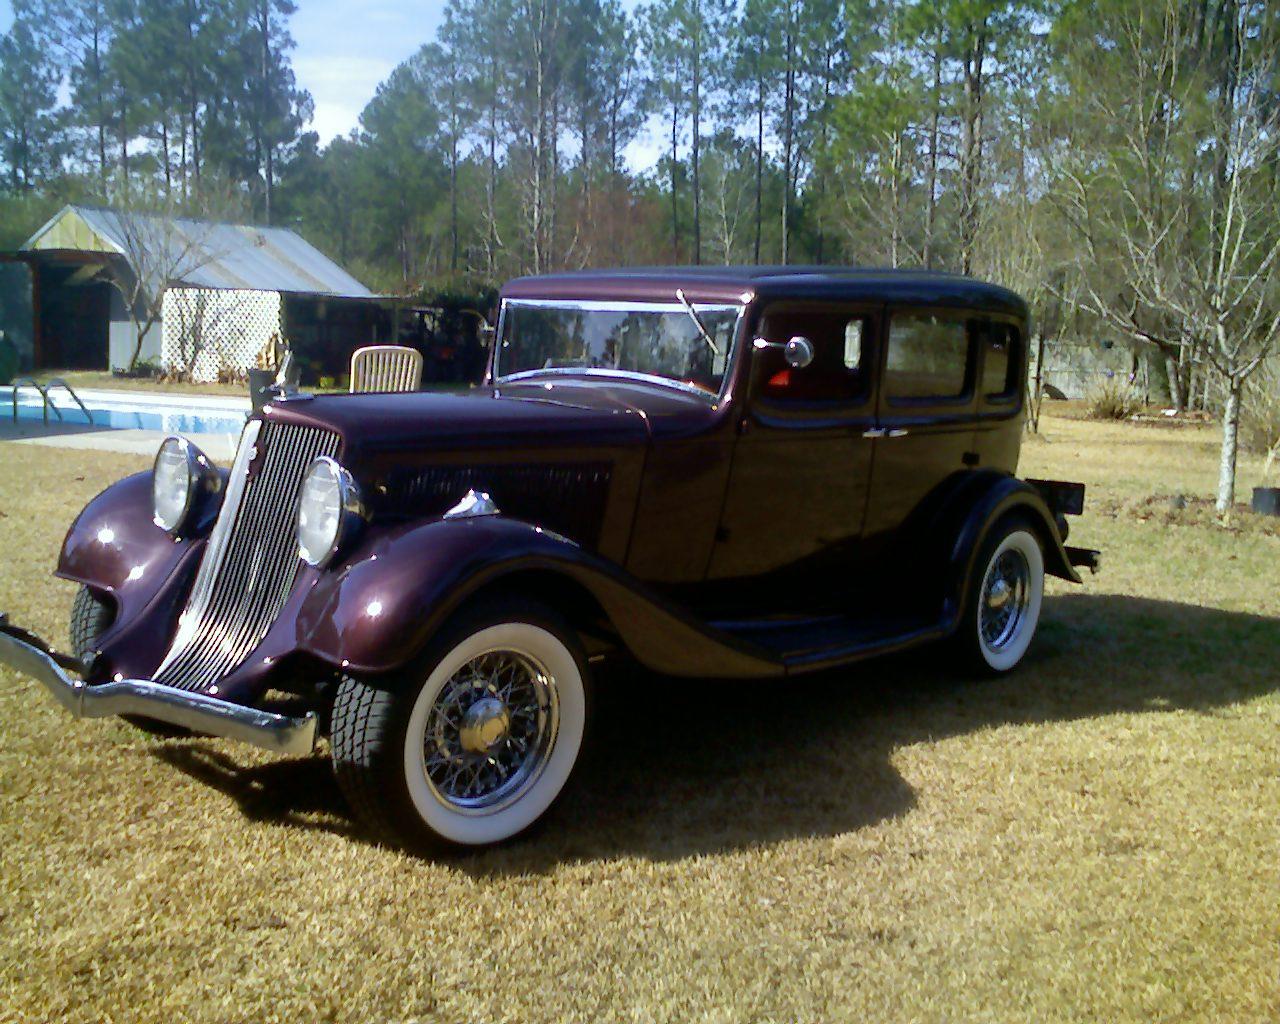 https://i2.wp.com/momentcar.com/images/studebaker-56-1933-1.jpg